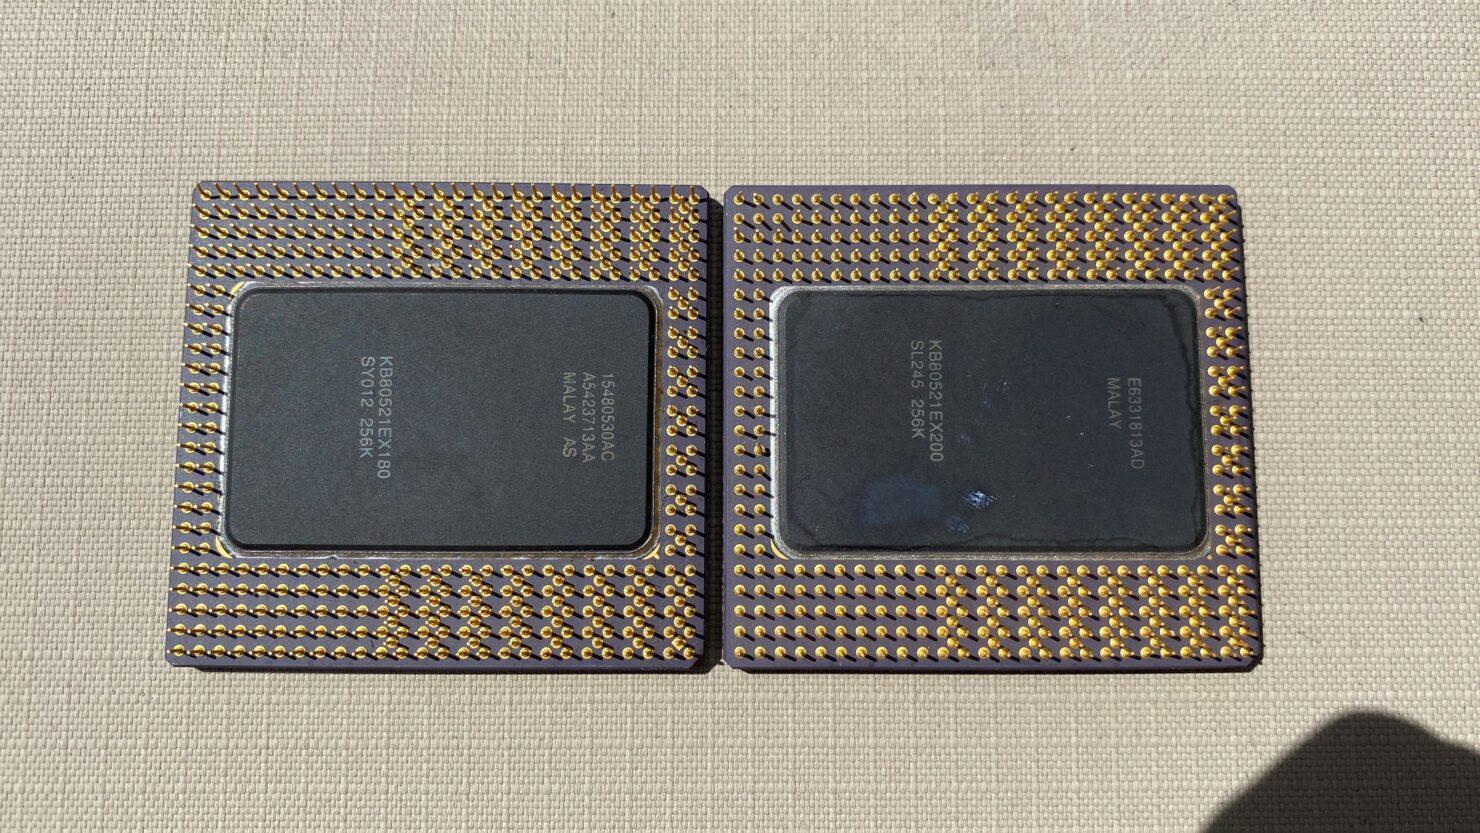 Pentium Pro CPUs - Back